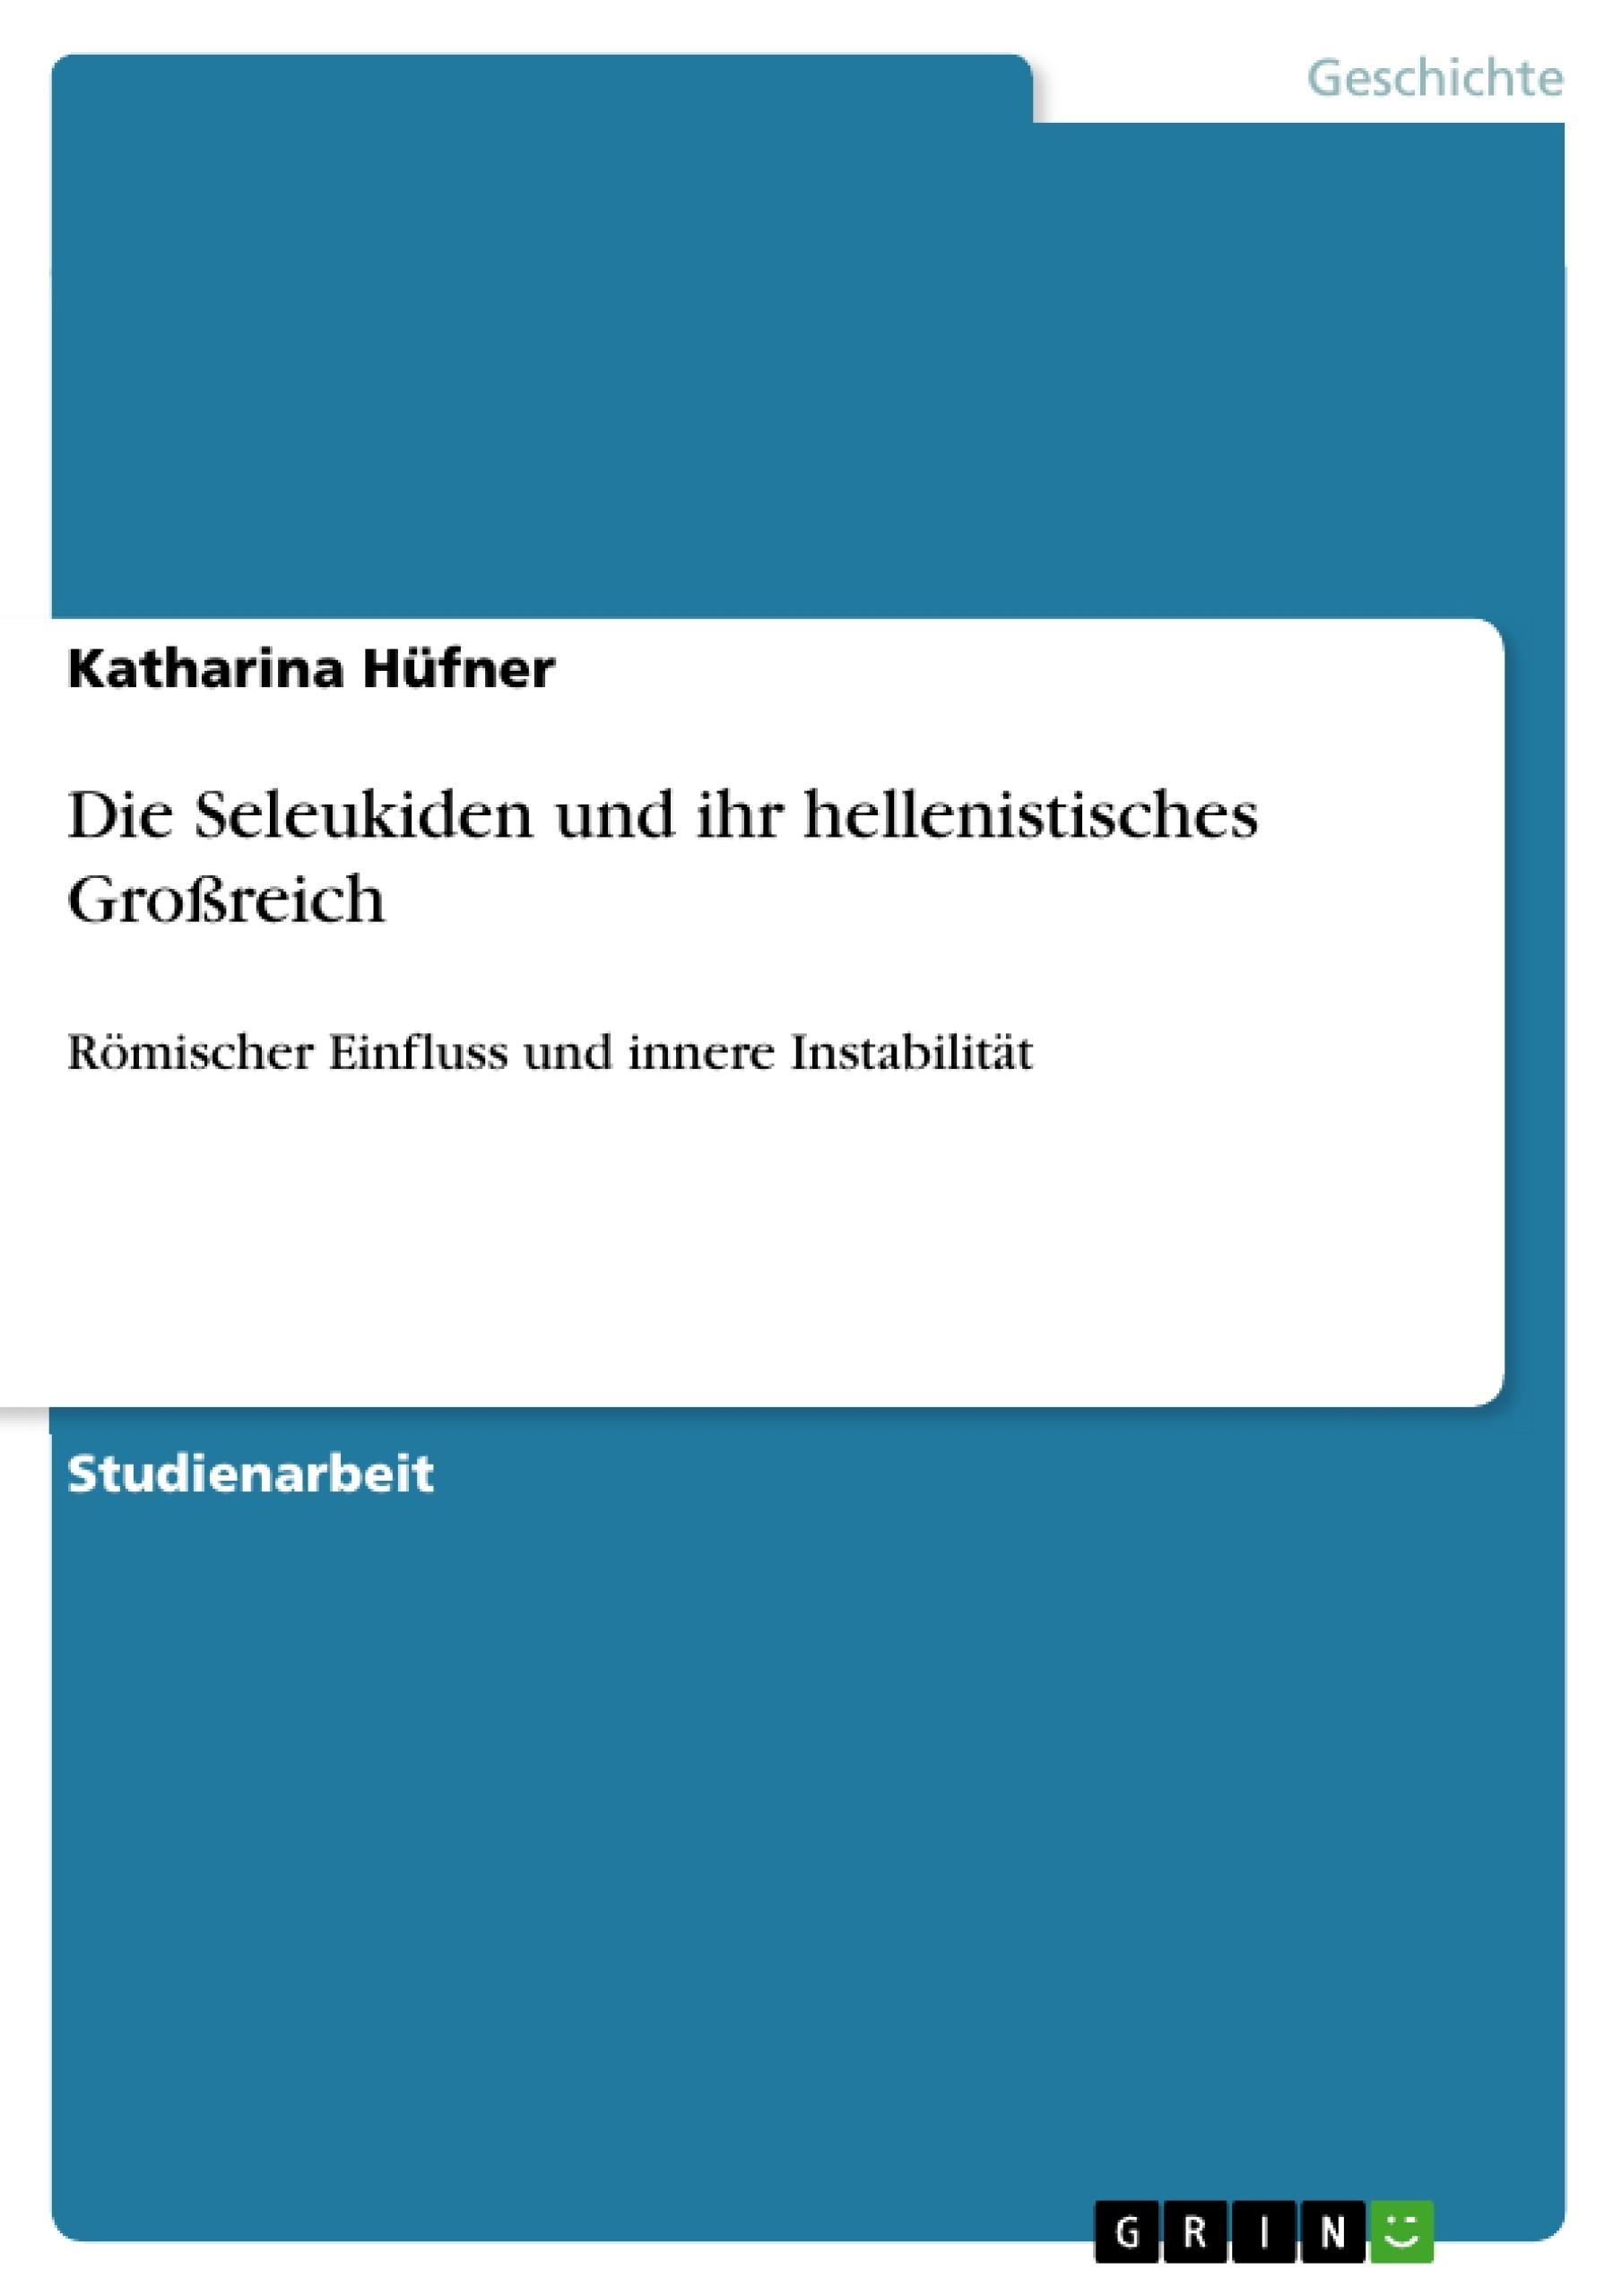 Titel: Die Seleukiden und ihr hellenistisches Großreich